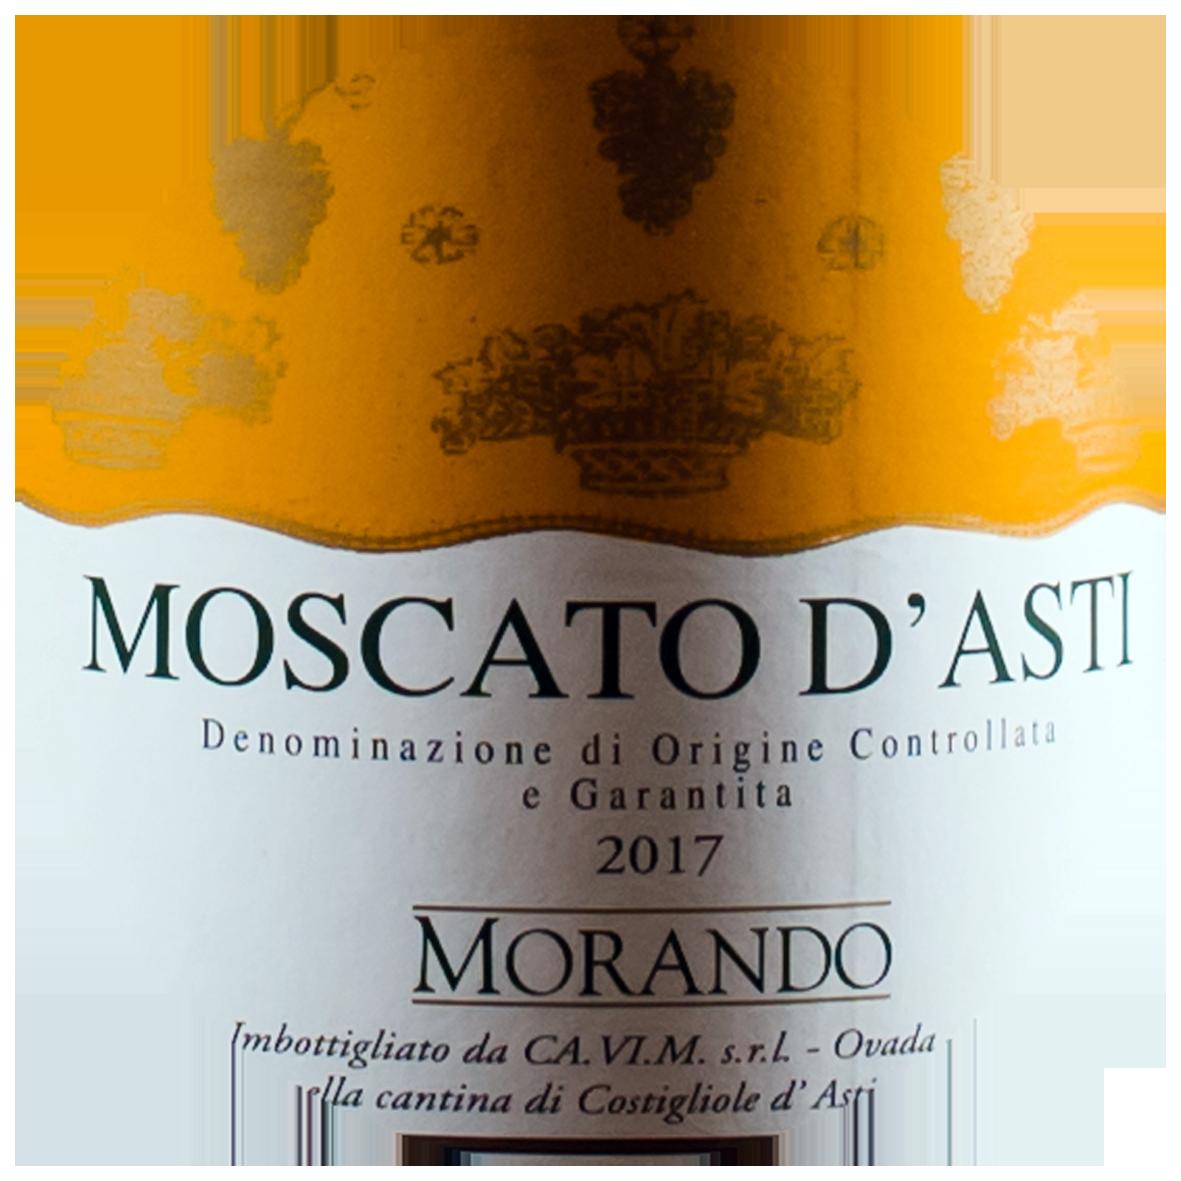 rượu vang moscato dasti